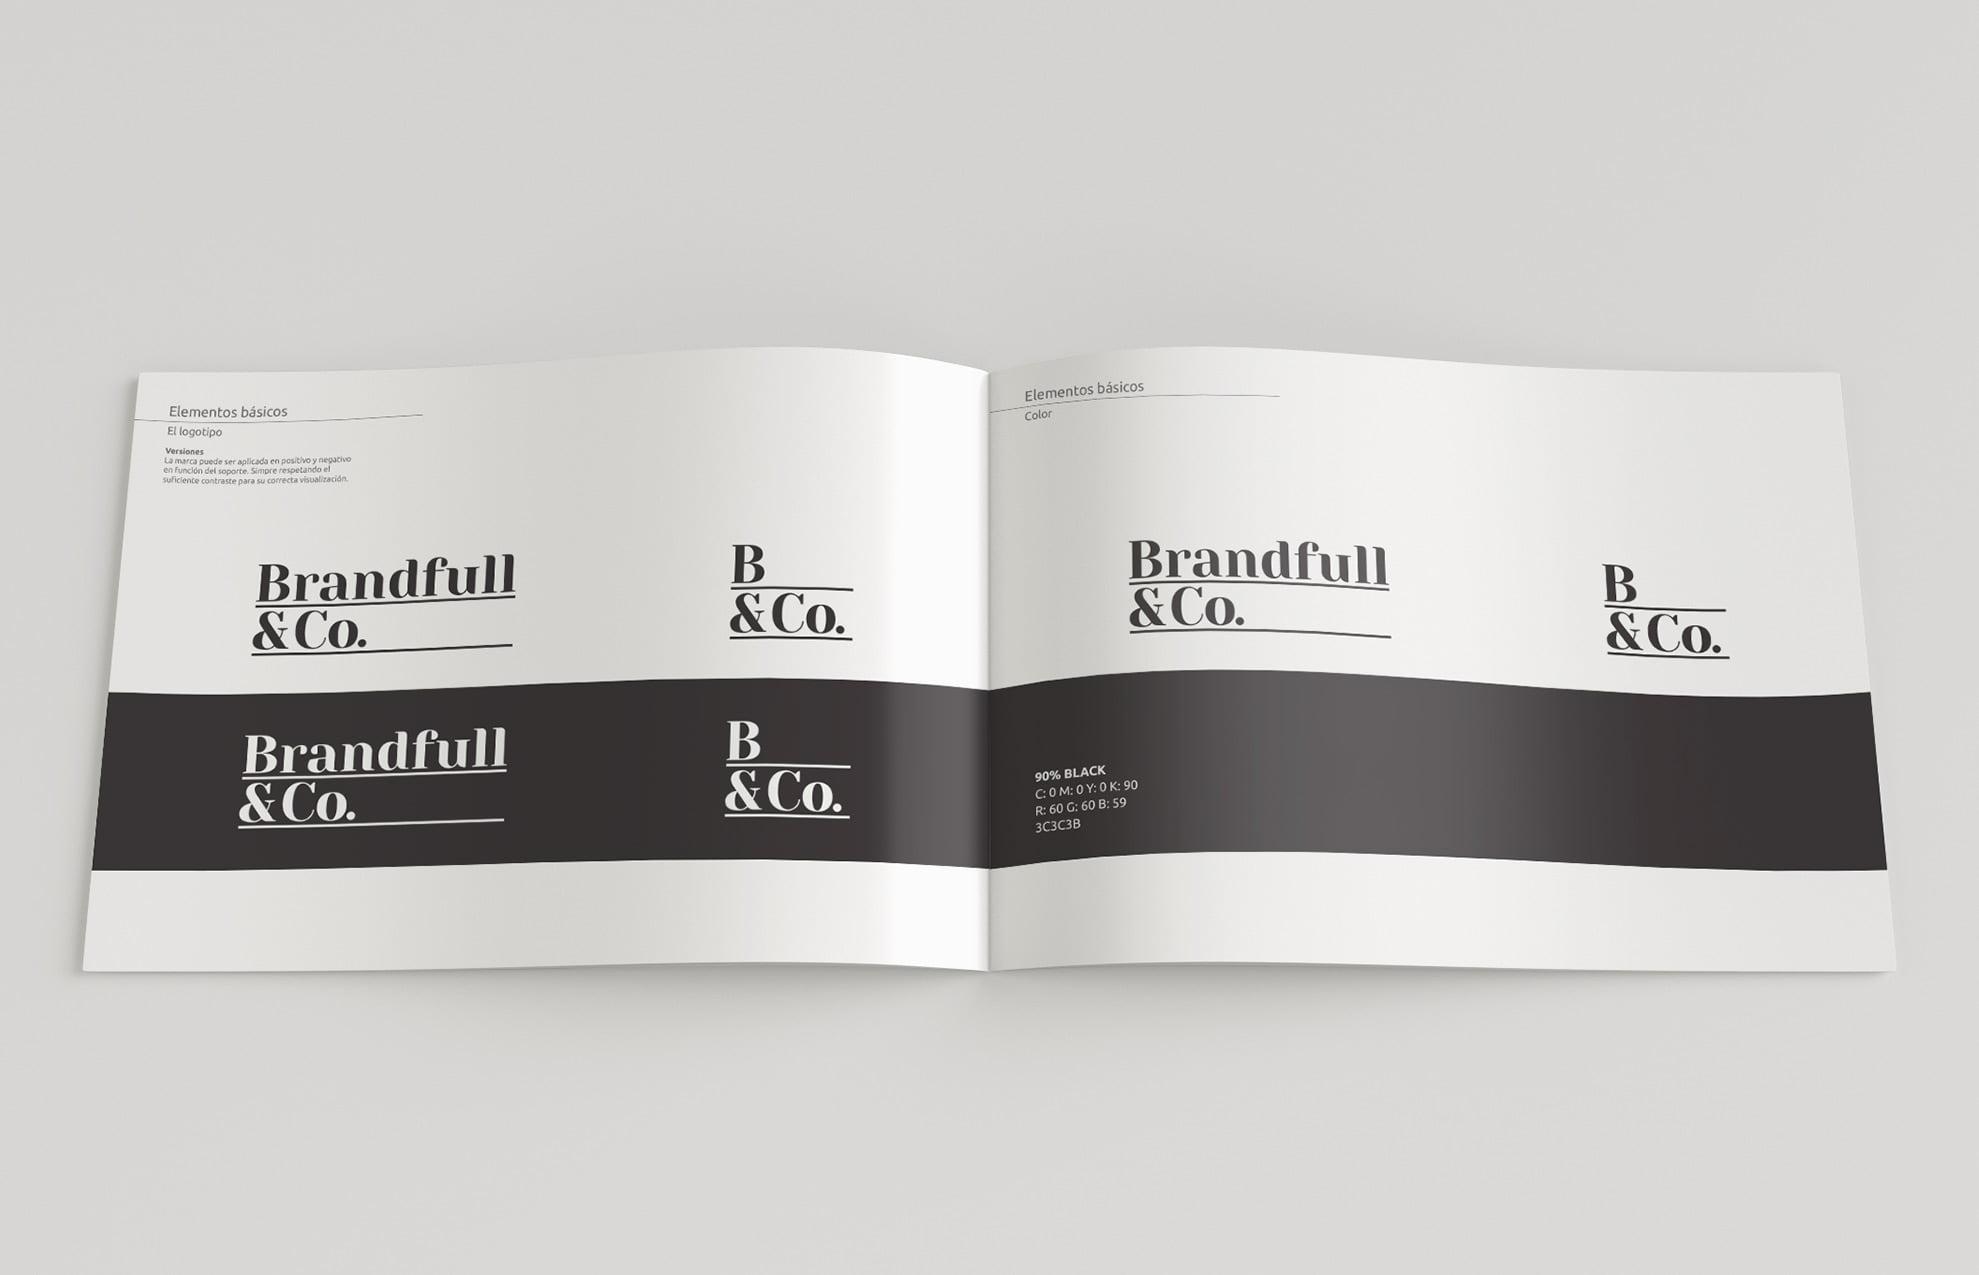 creacion logotipo empresa textil - Brandfull&Co, un proyecto integral de diseño